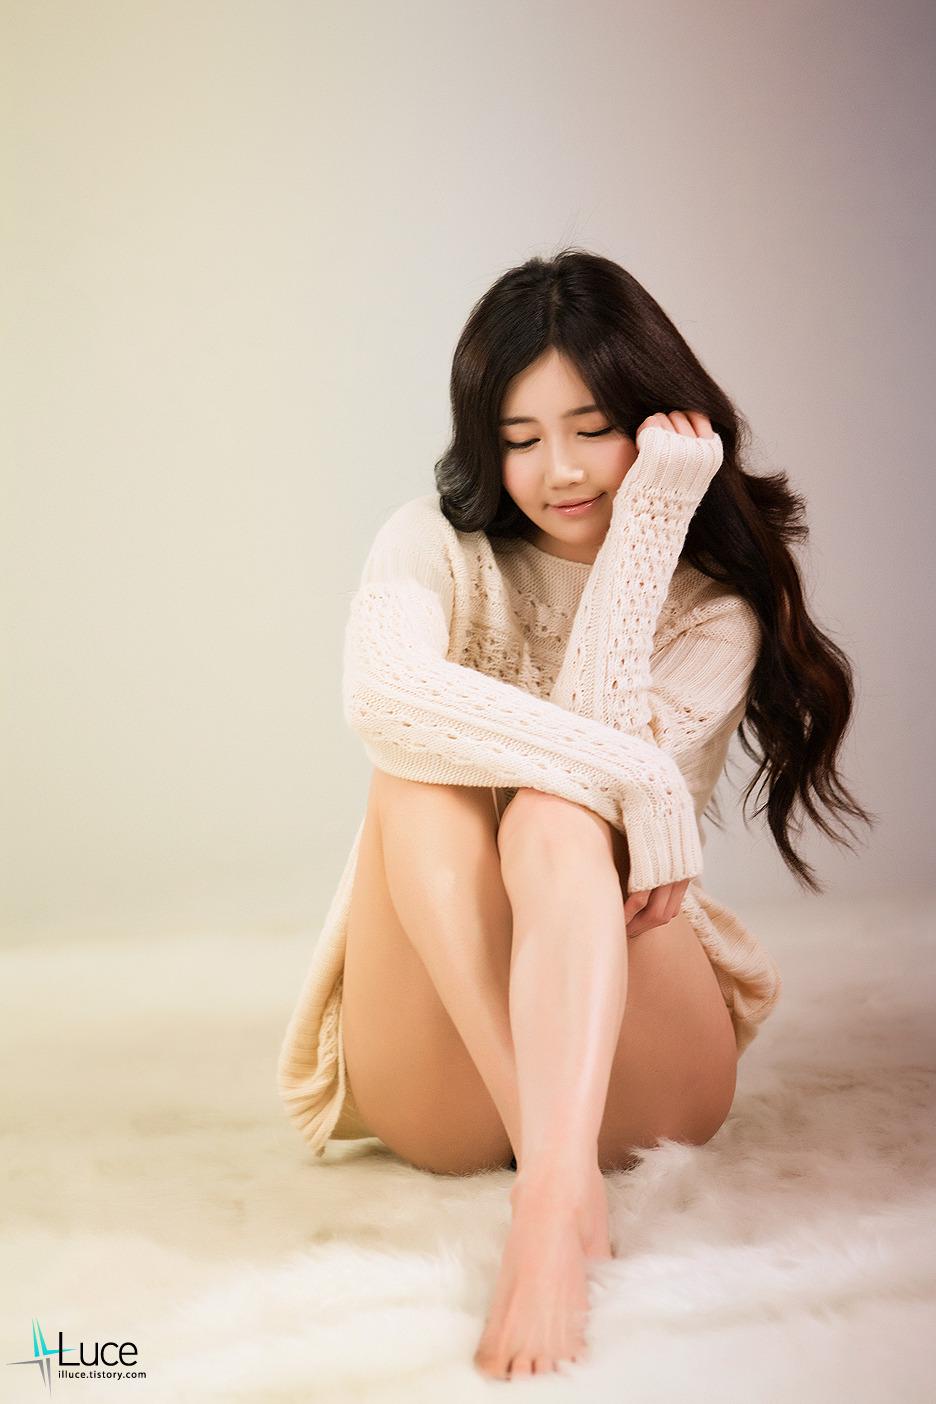 Picasa pack 2 Han Ga Eun